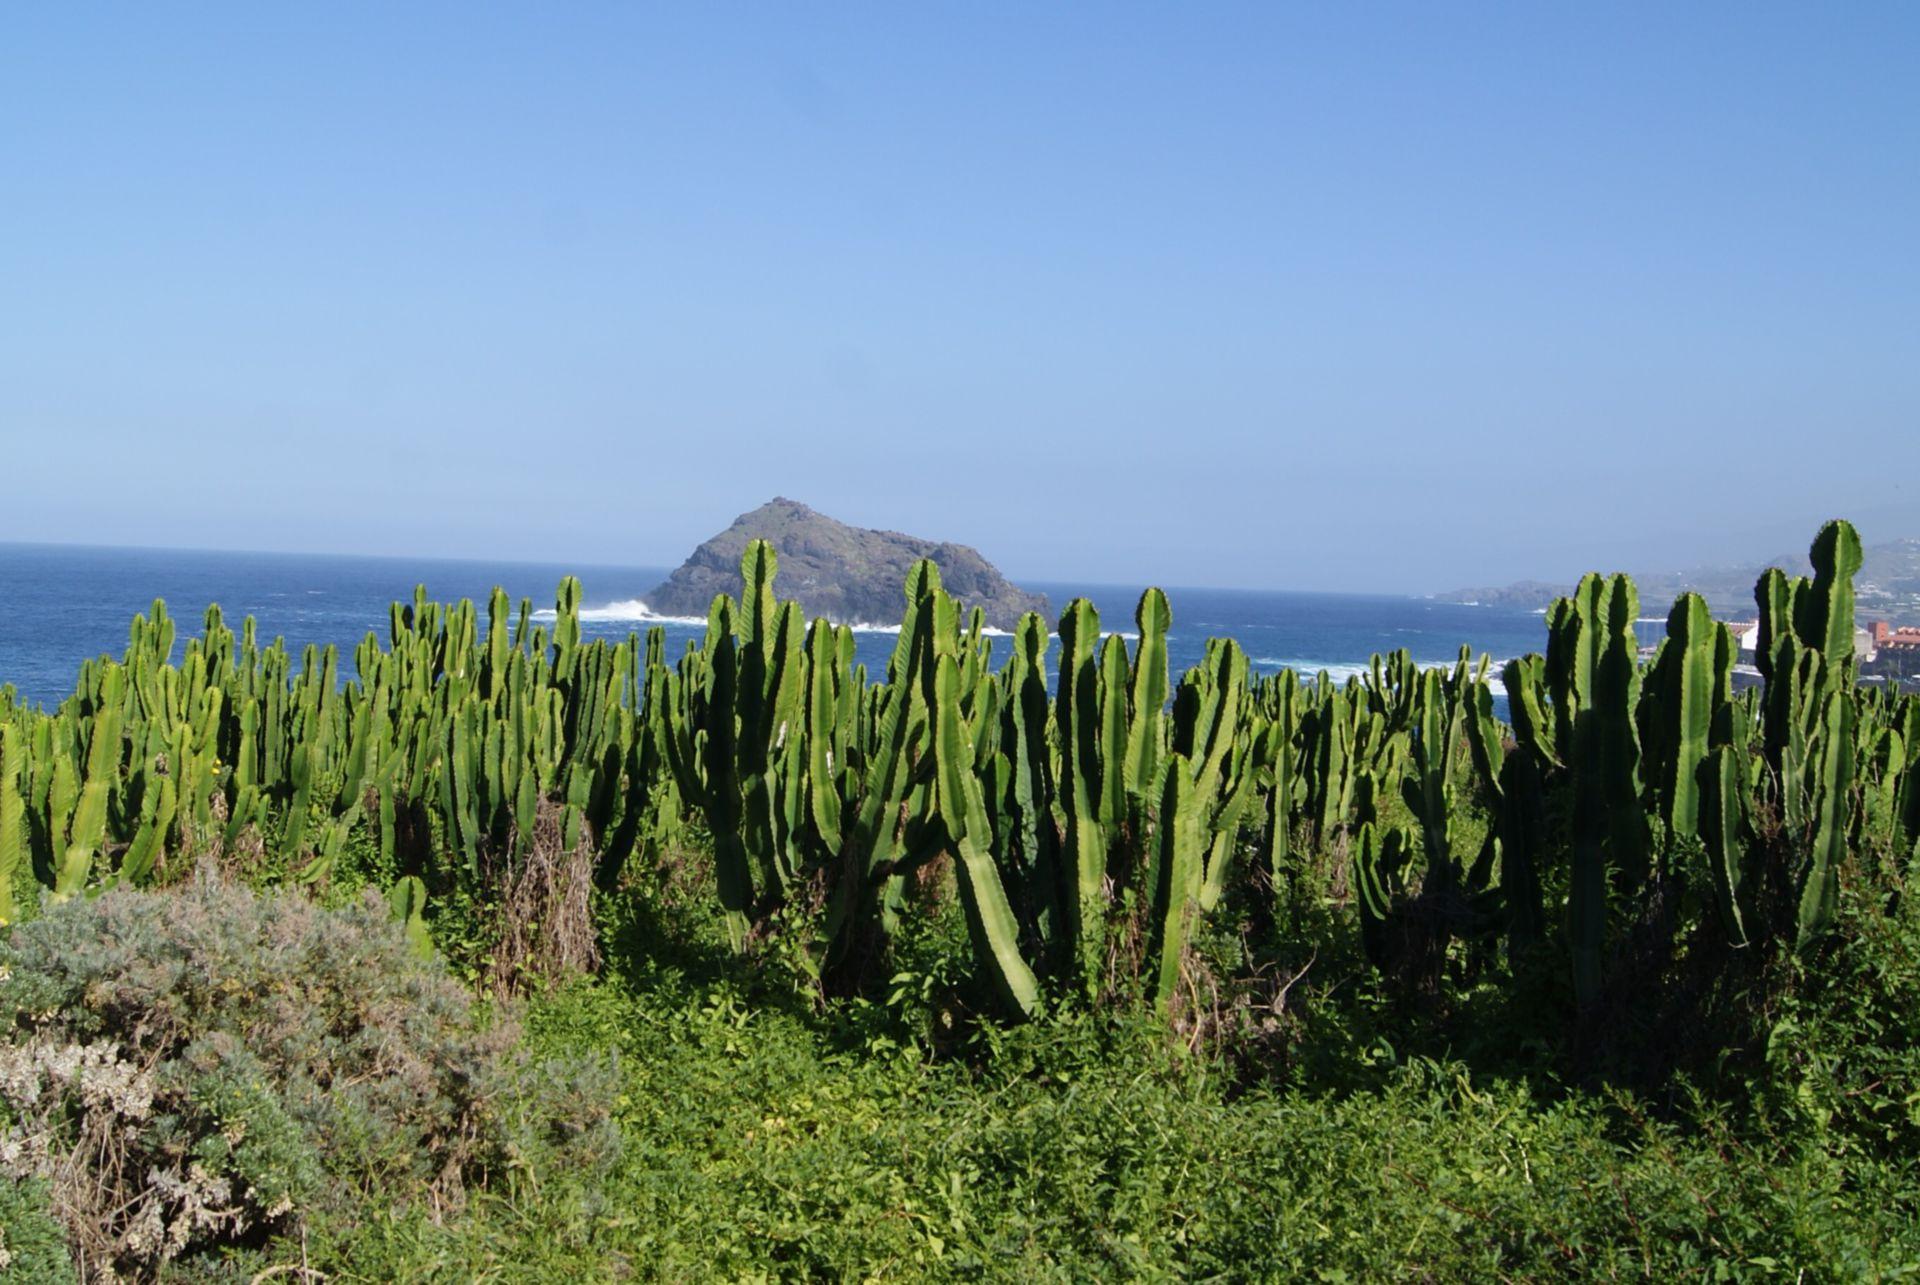 Euphorbia cf. canariensis